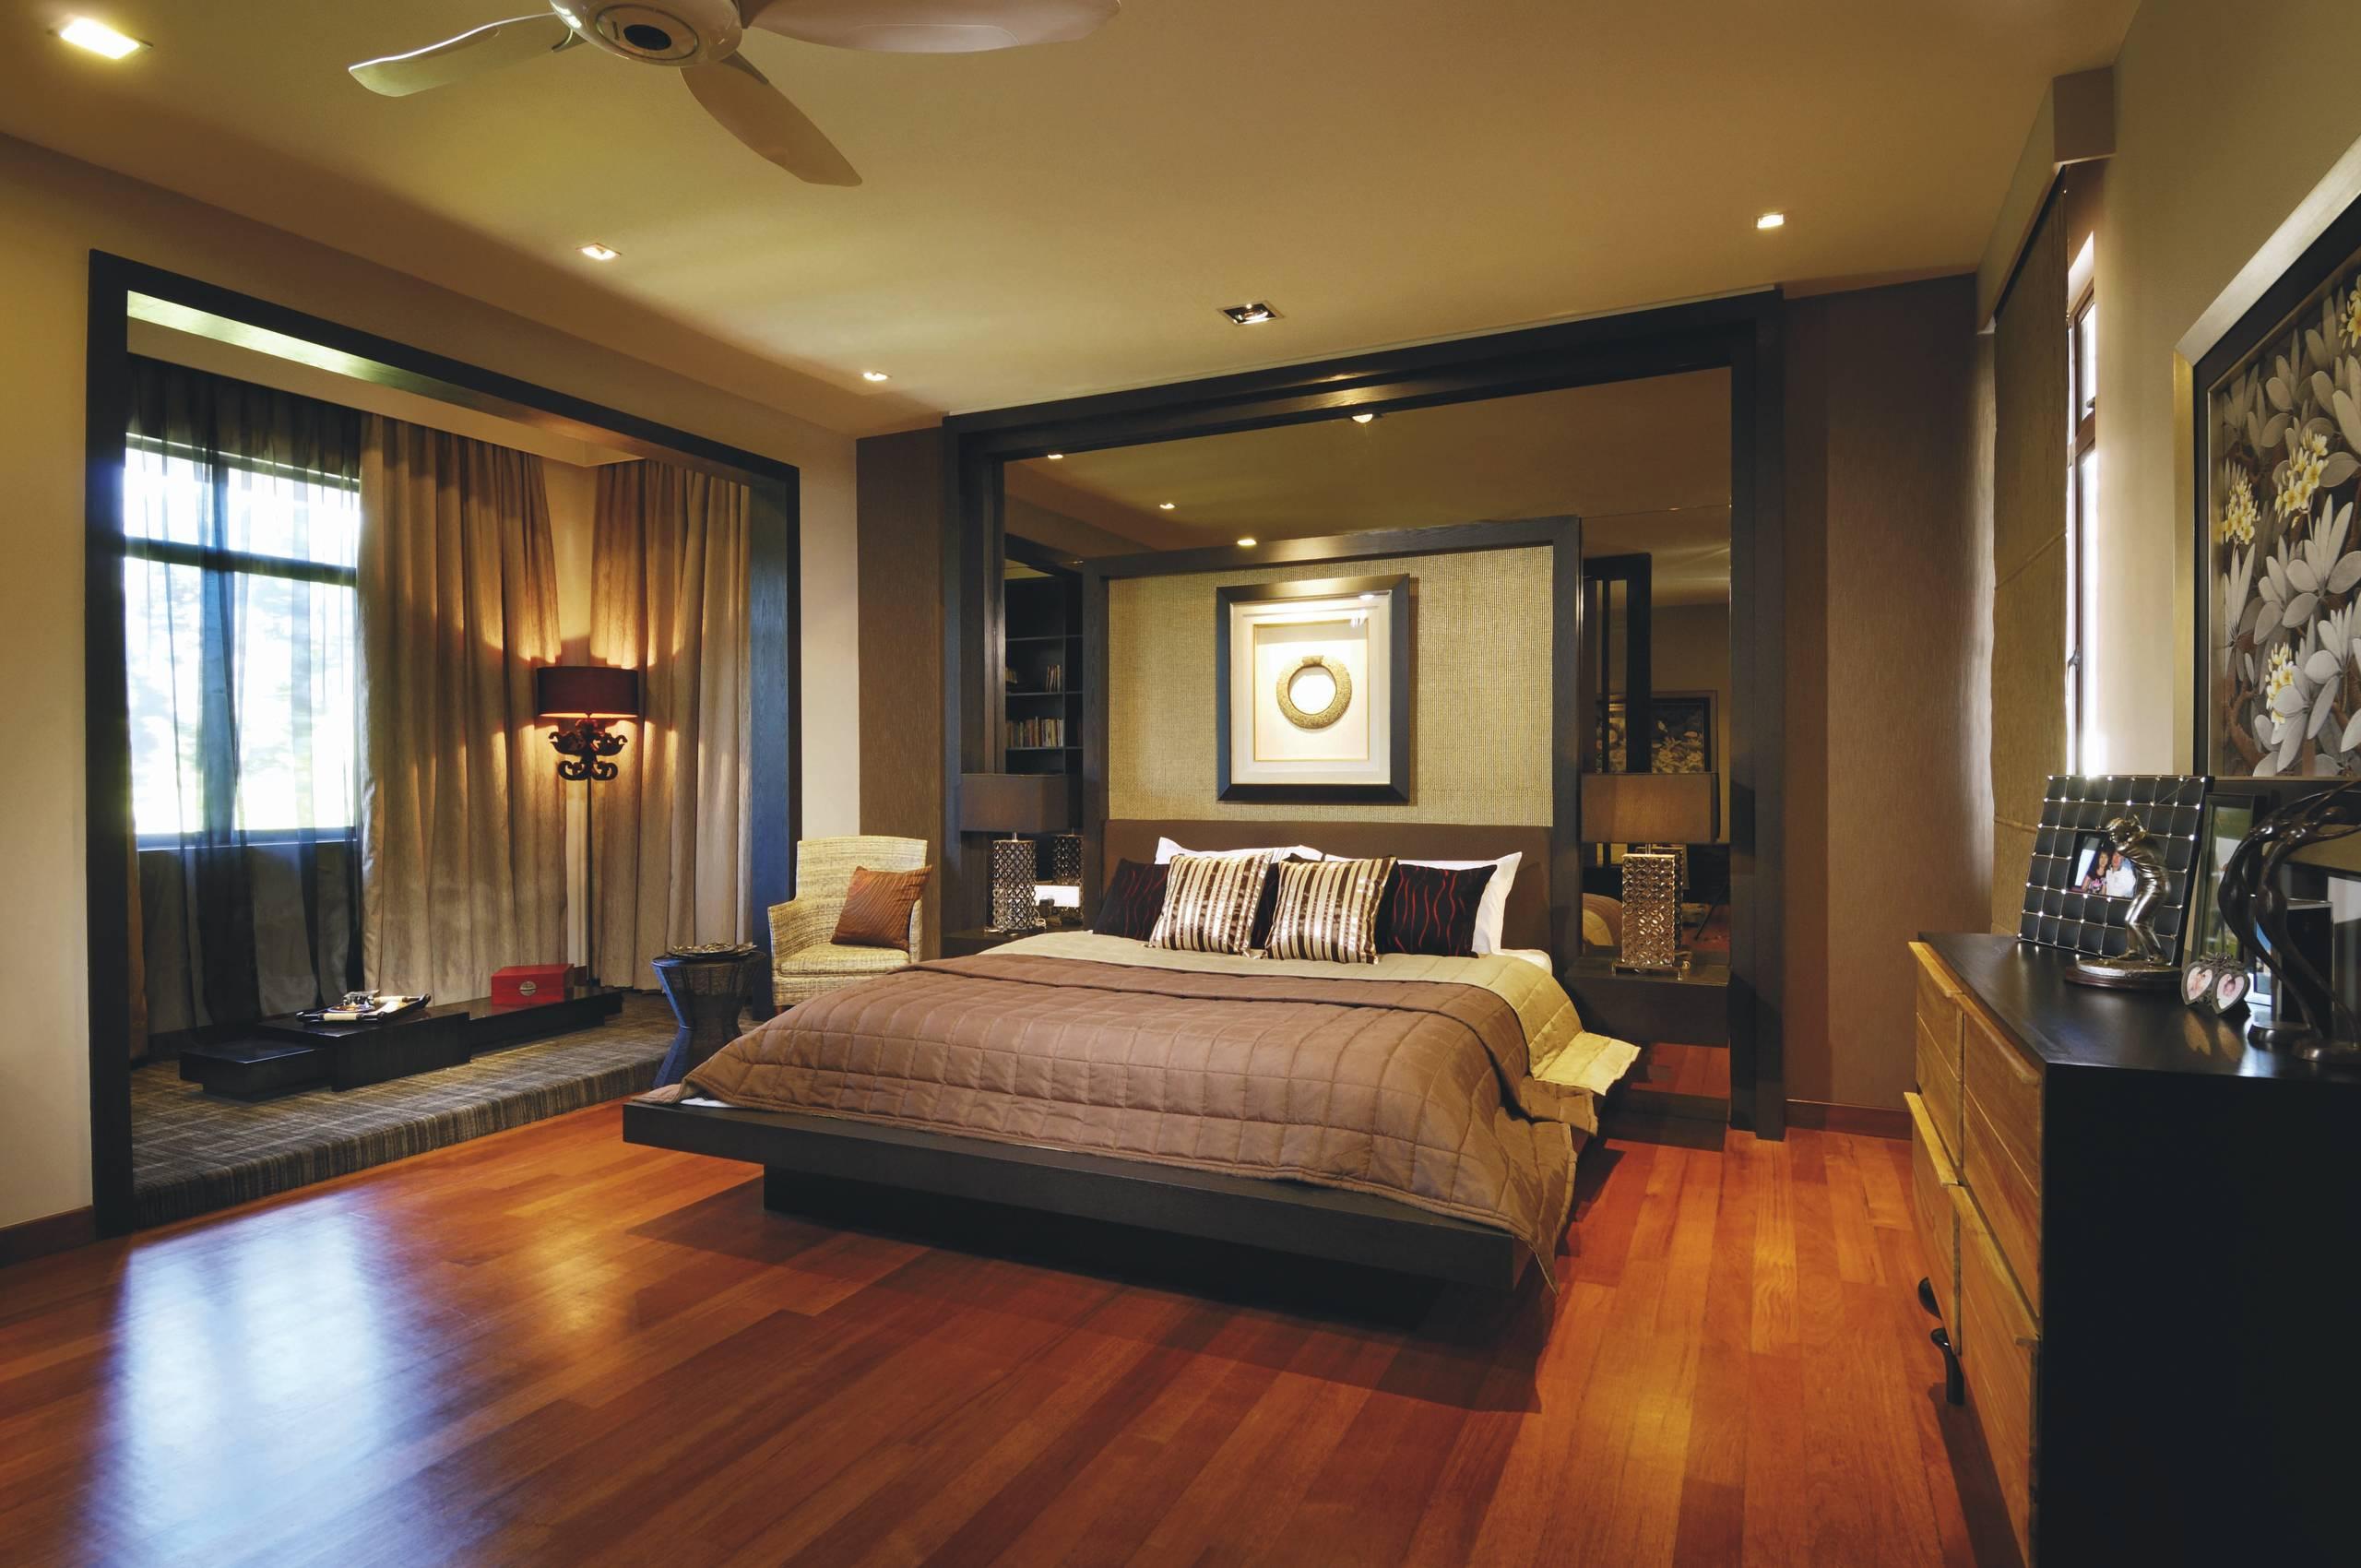 Кровать подиум в восточном стиле